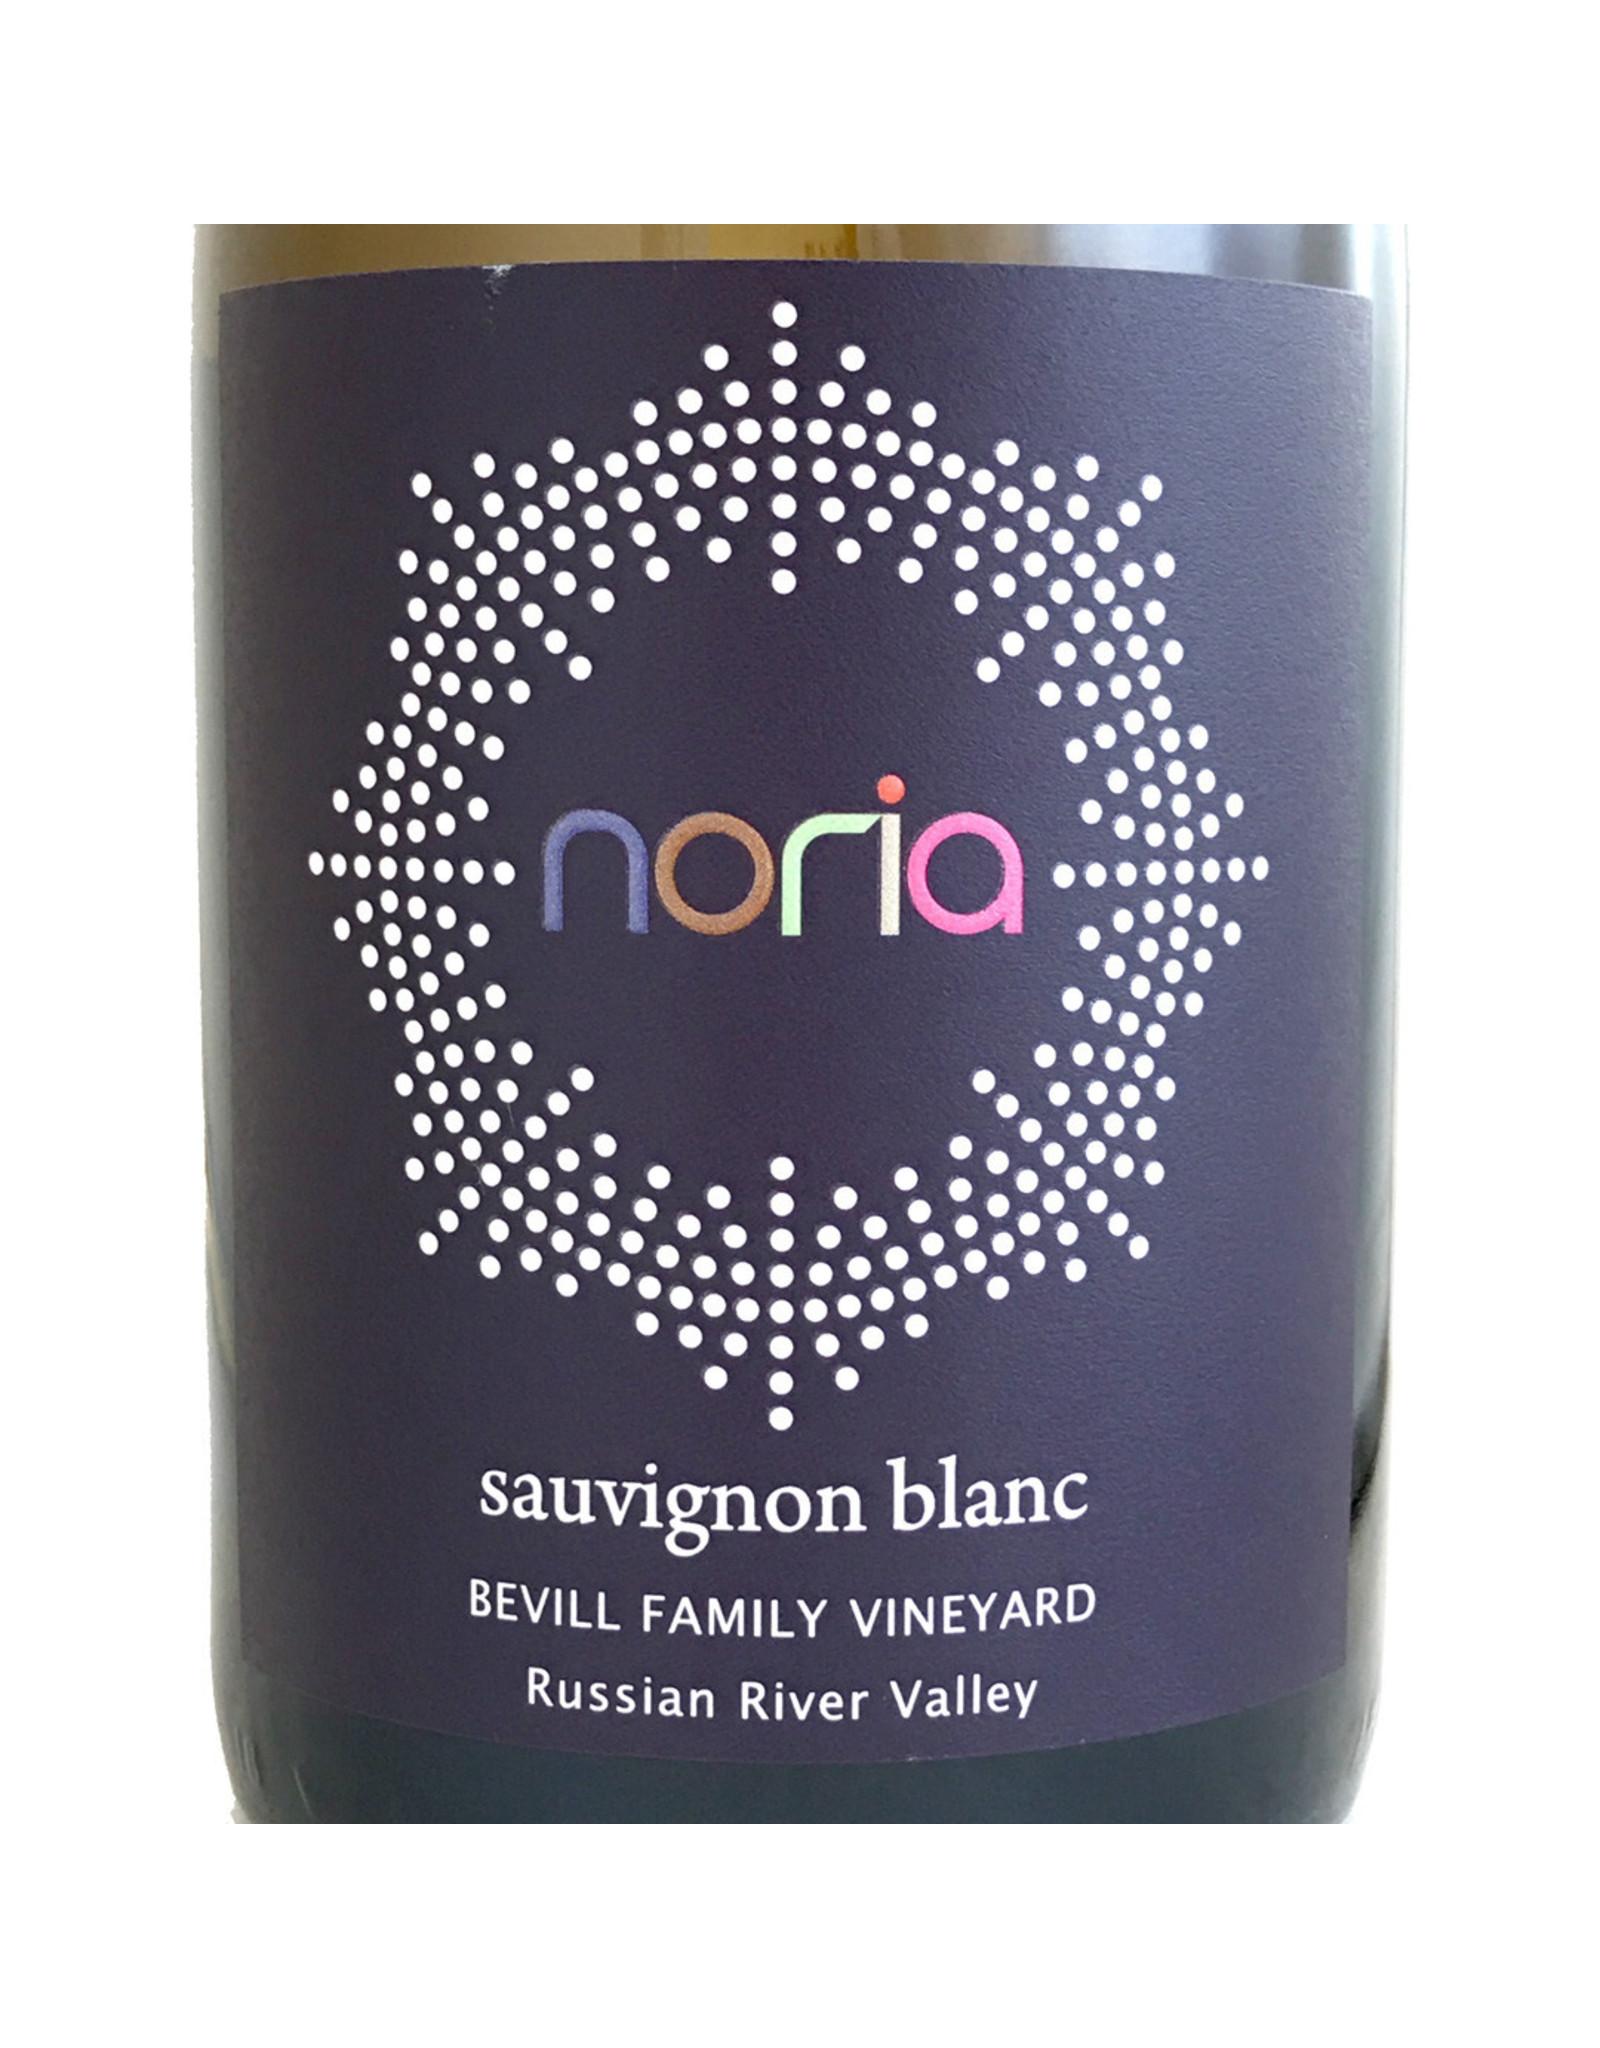 Noria Wines Noria Sauvignon Blanc Bevill Family Vineyard Russian River Valley 2017